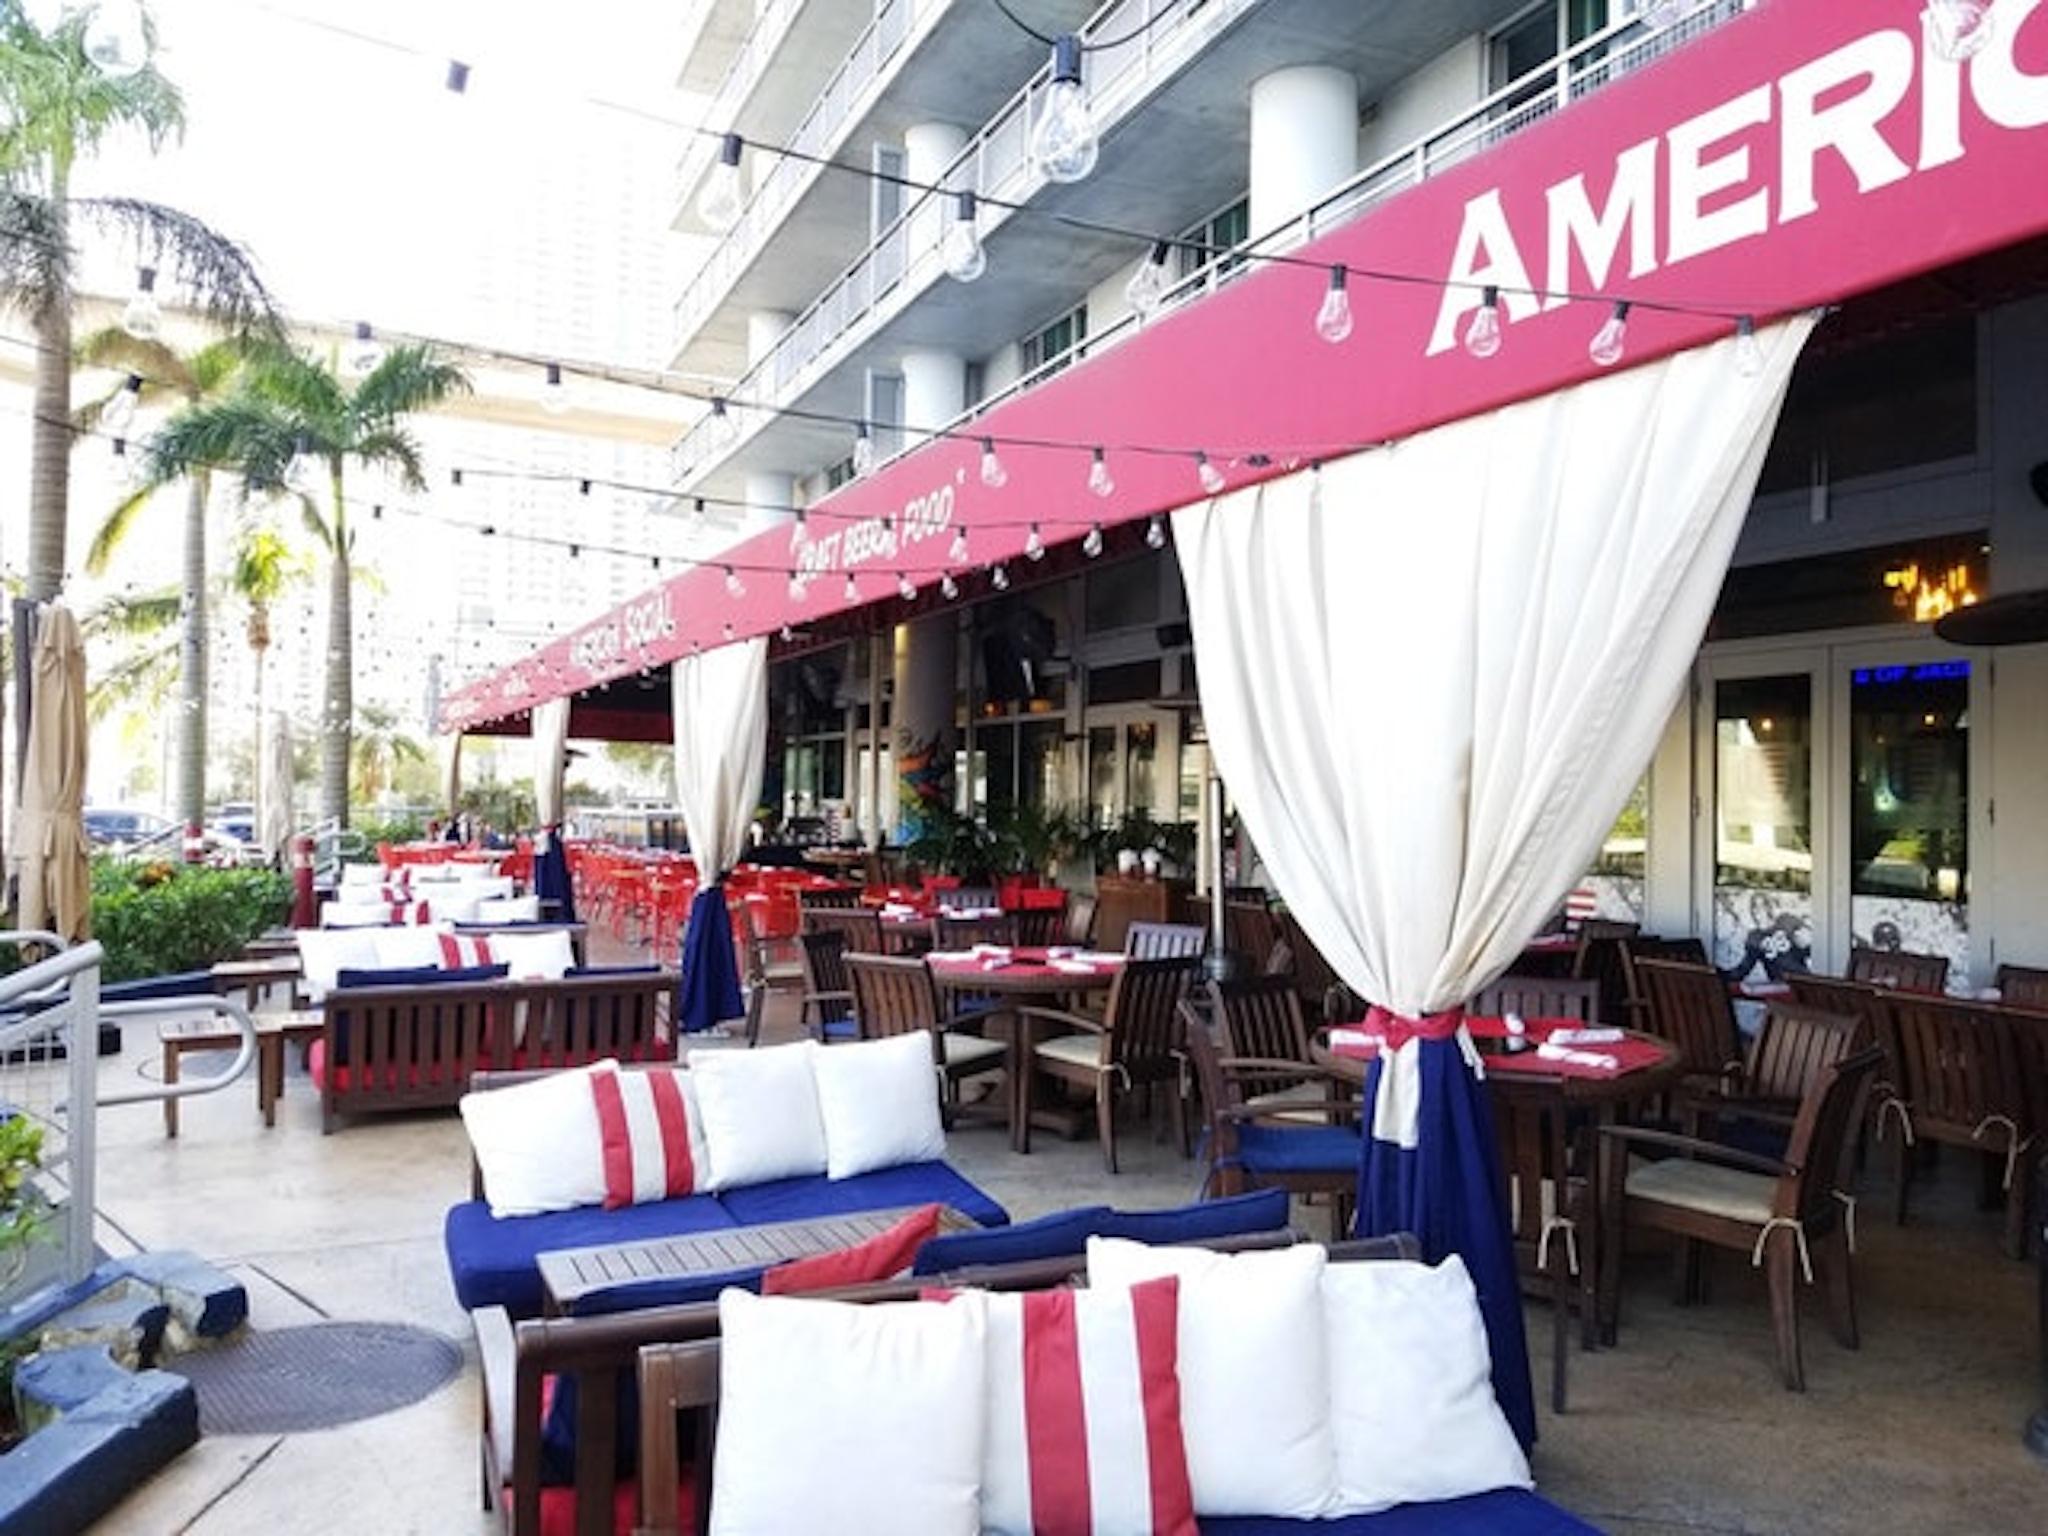 Outdoor dining at American Social Brickell